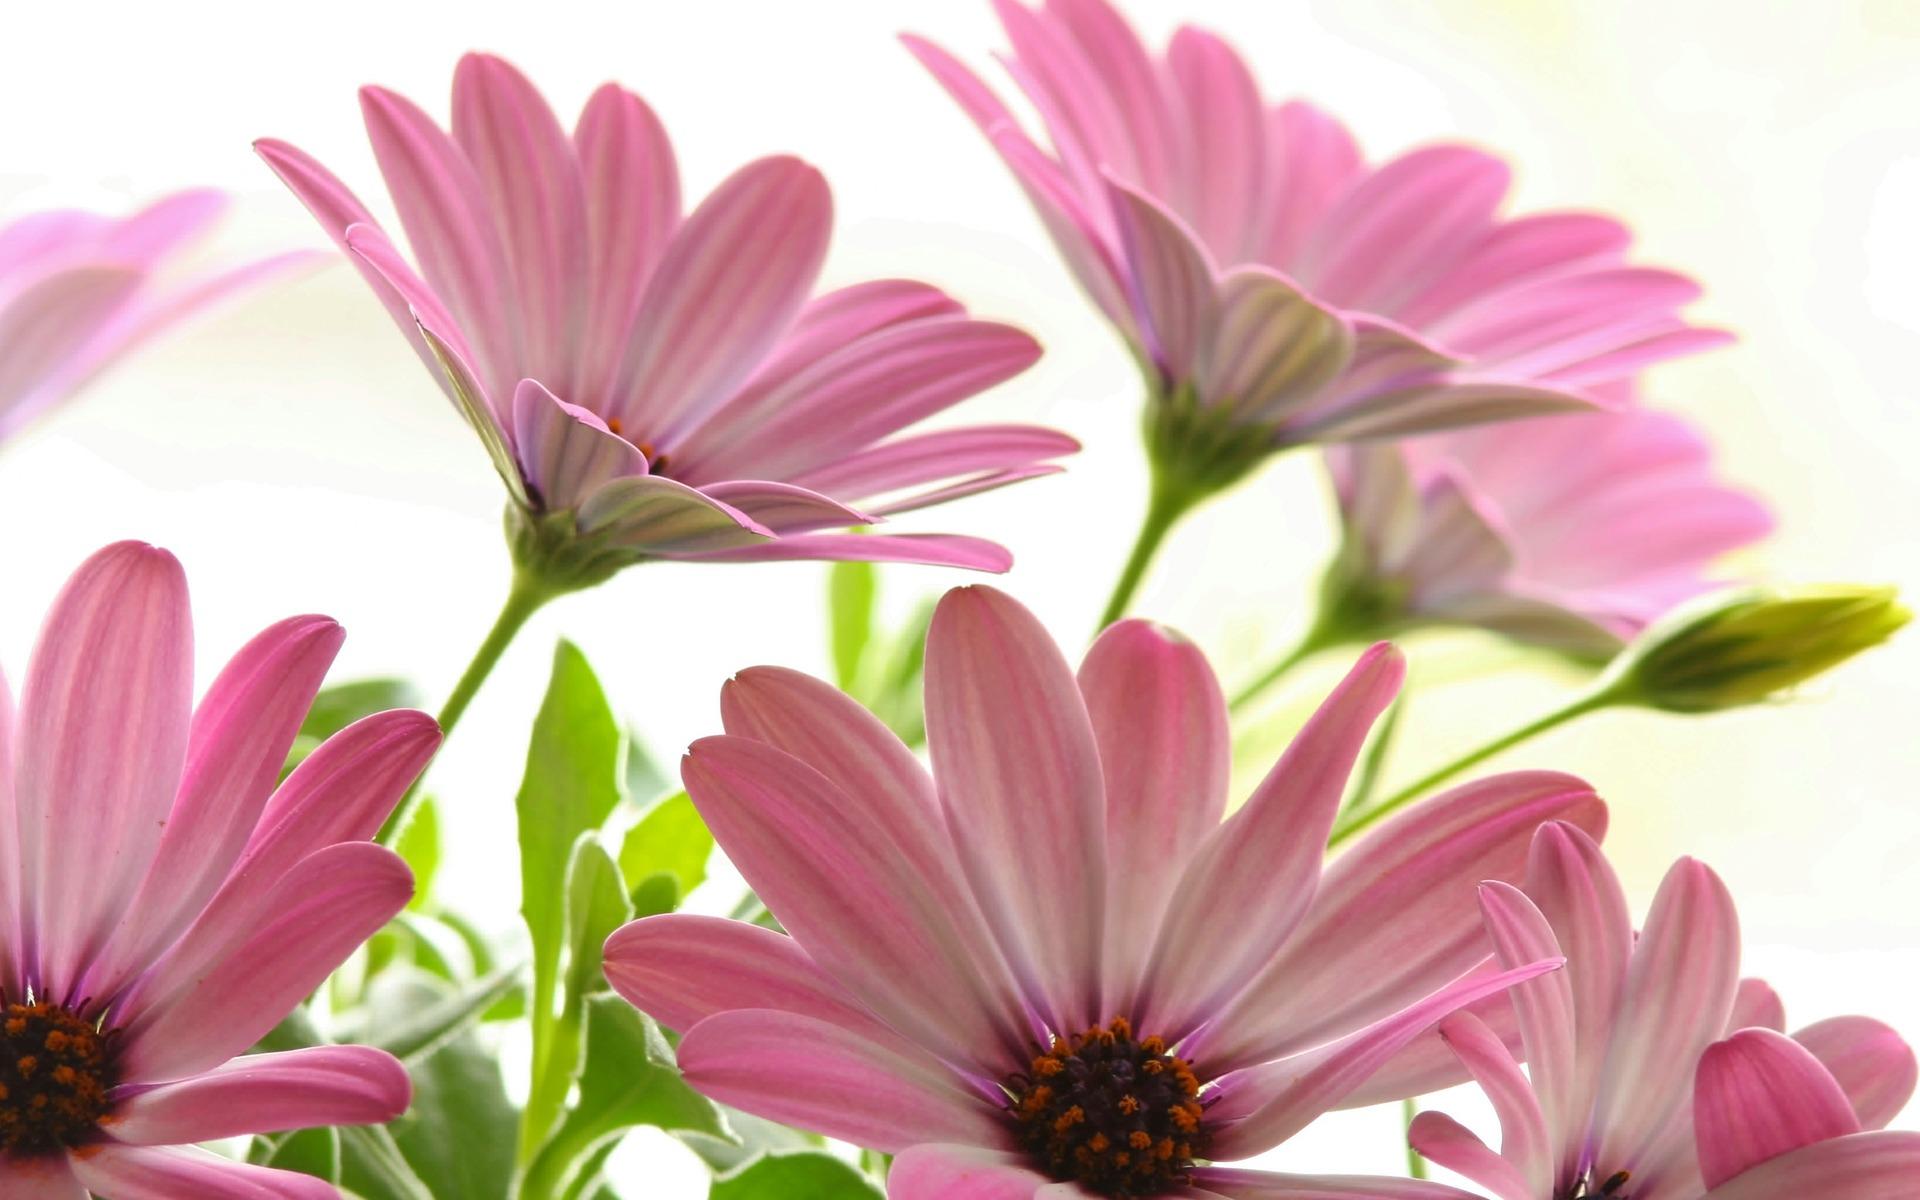 gerbera daisies pink